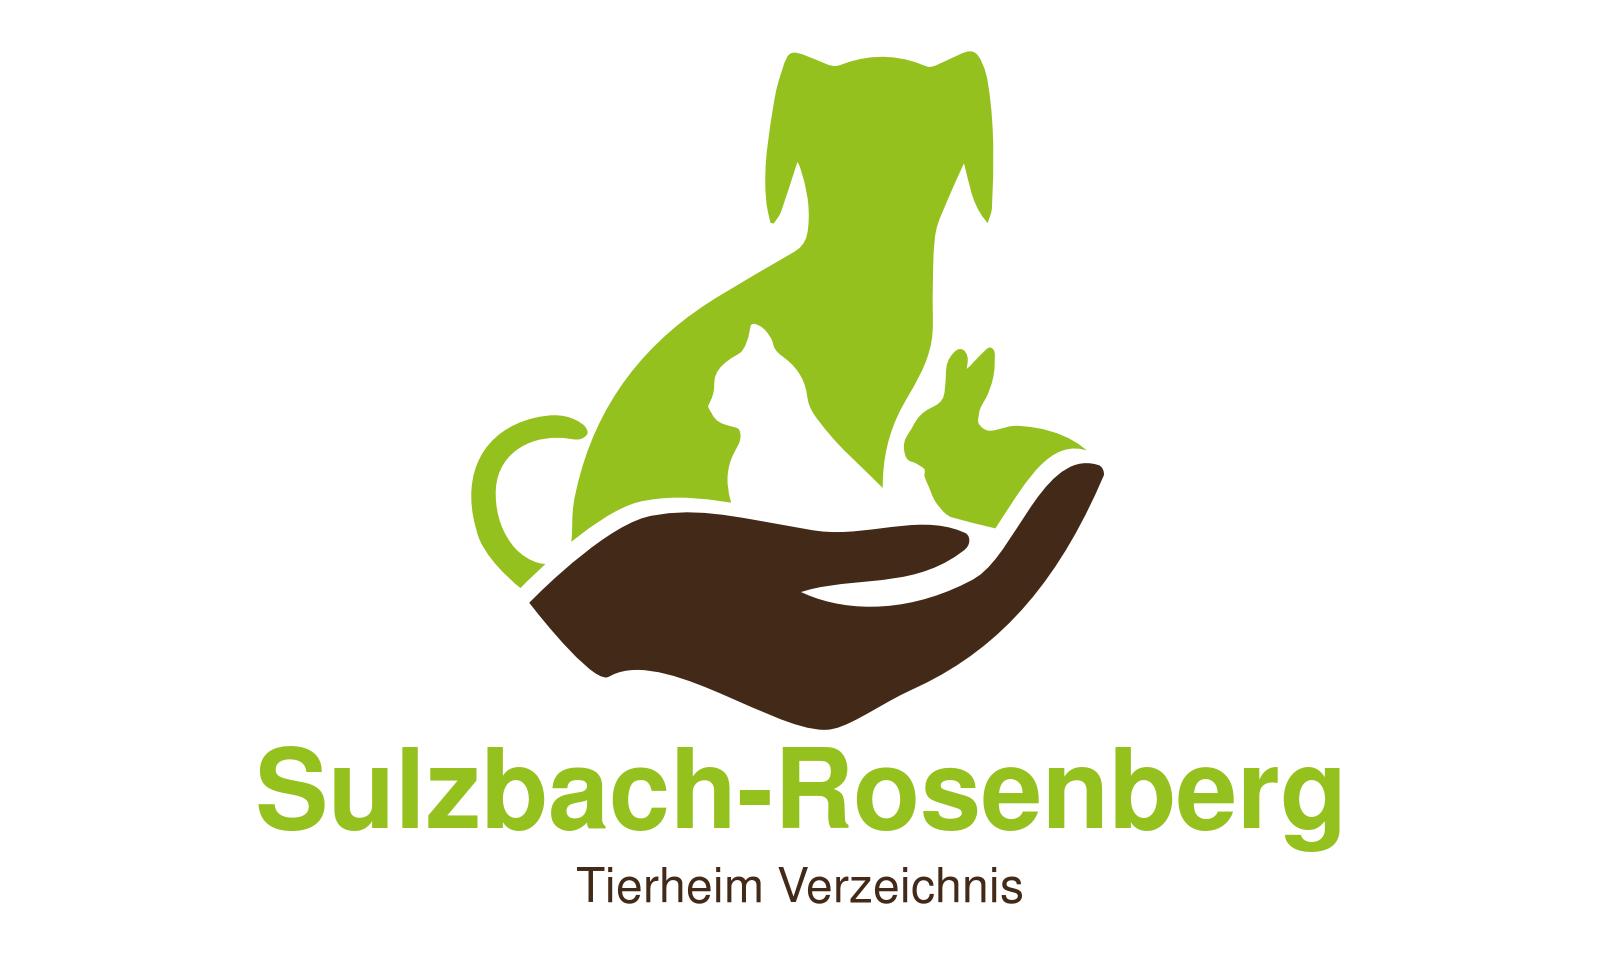 Tierheim Sulzbach-Rosenberg